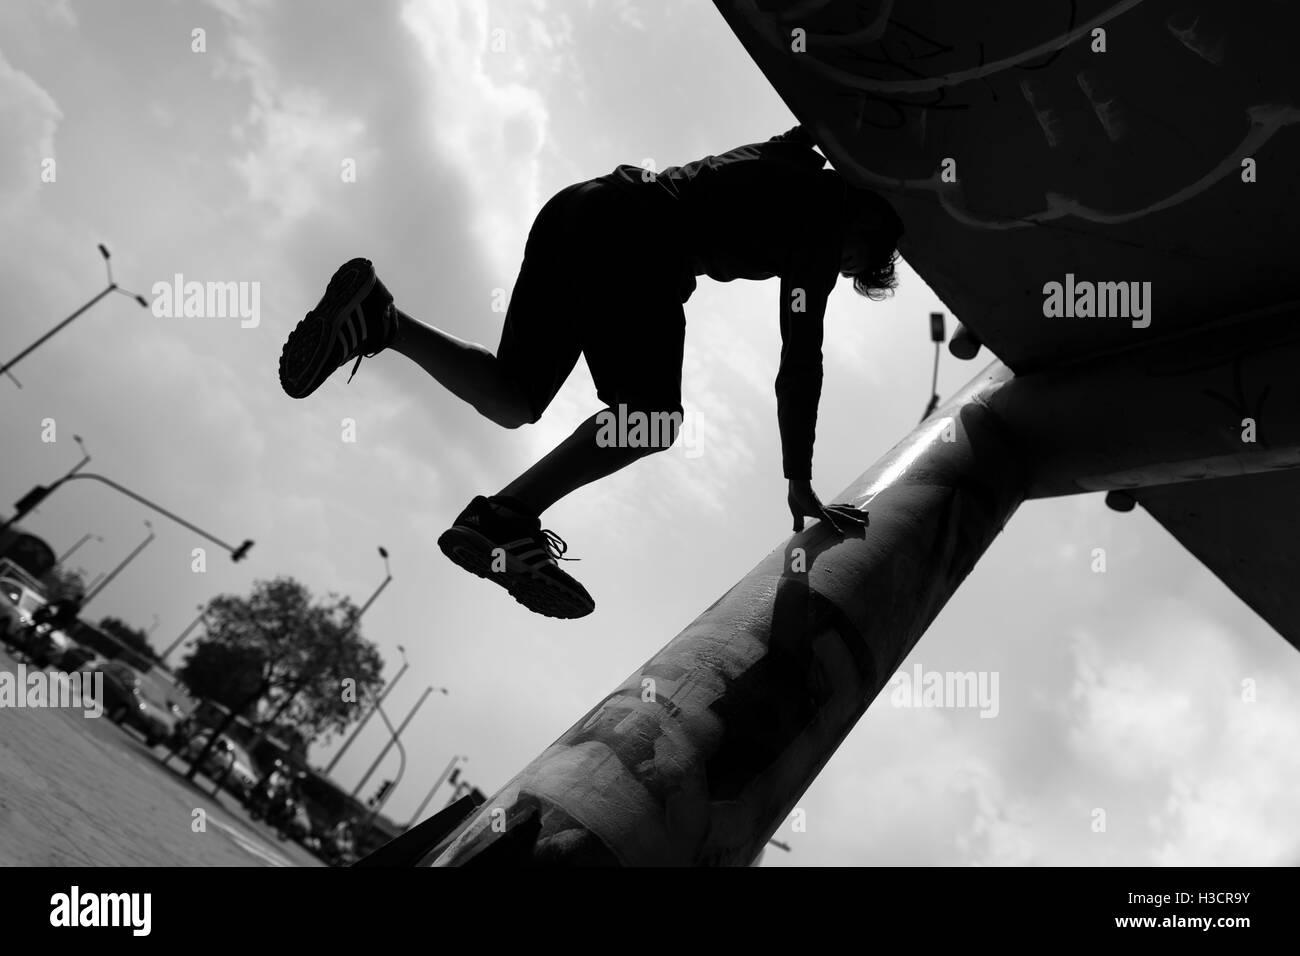 Steven Mantilla, un freerunner de Tamashikaze equipo, realiza el parkour se mueve durante un entrenamiento en la Foto de stock